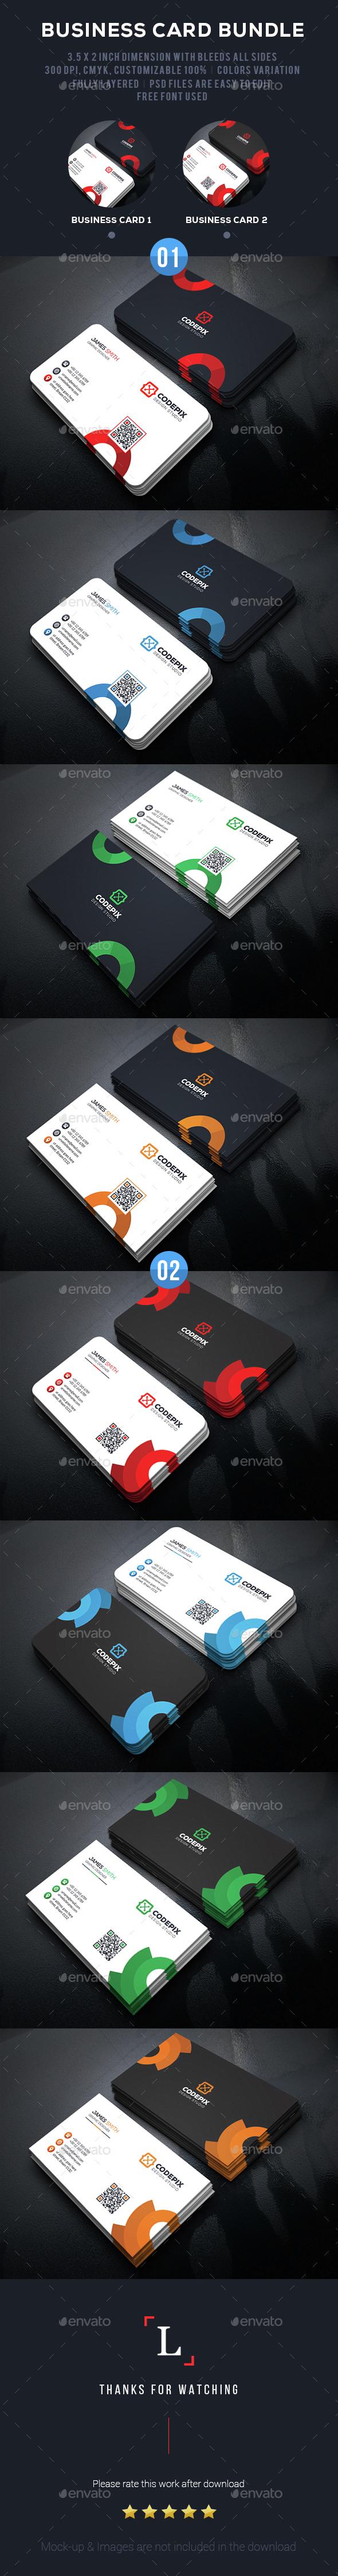 Circle Business Card Bundle - Business Cards Print Templates